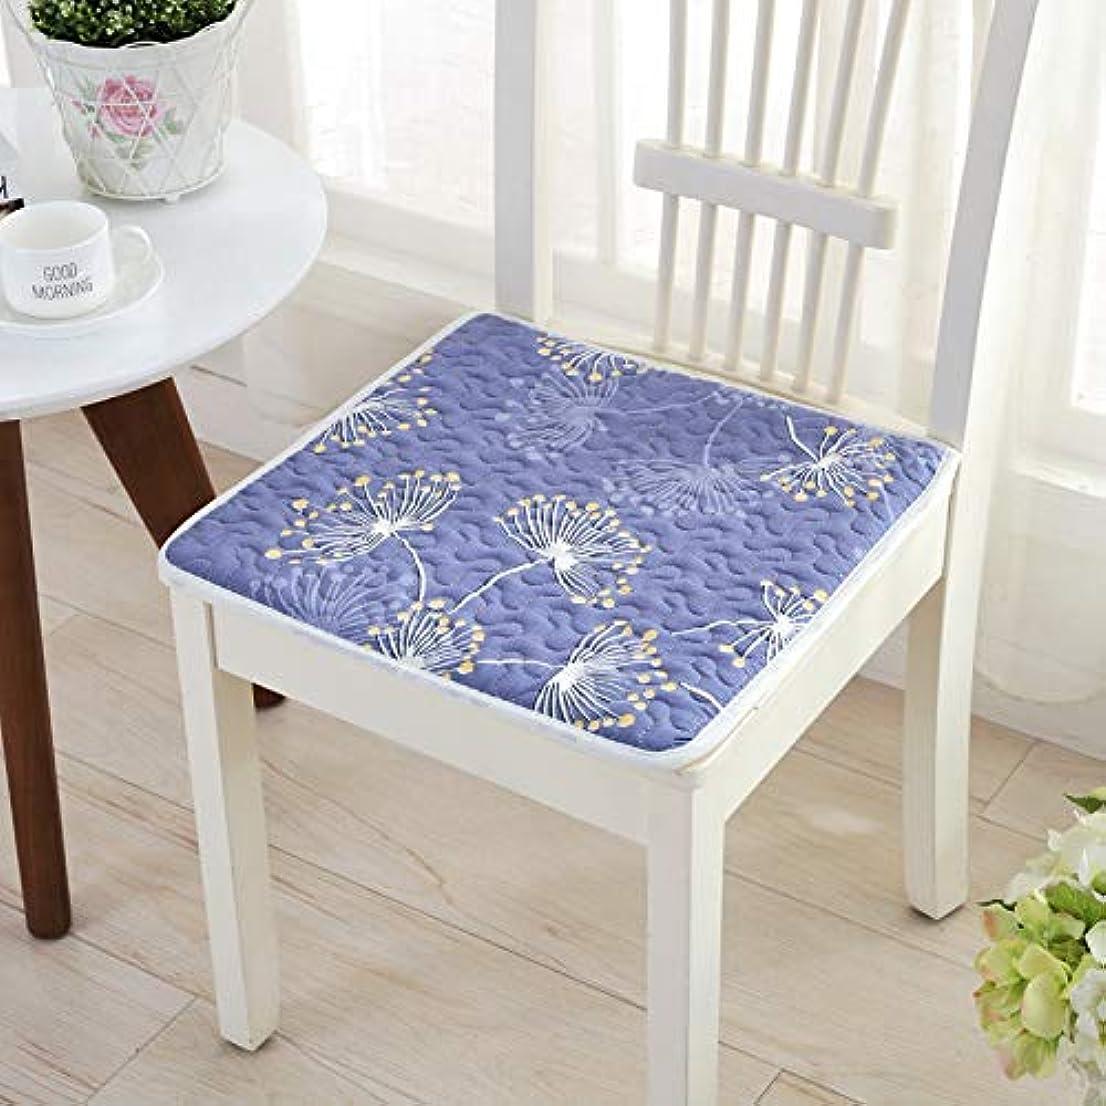 脳辞書宿泊LIFE 現代スーパーソフト椅子クッション非スリップシートクッションマットソファホームデコレーションバッククッションチェアパッド 40*40/45*45/50*50 センチメートル クッション 椅子